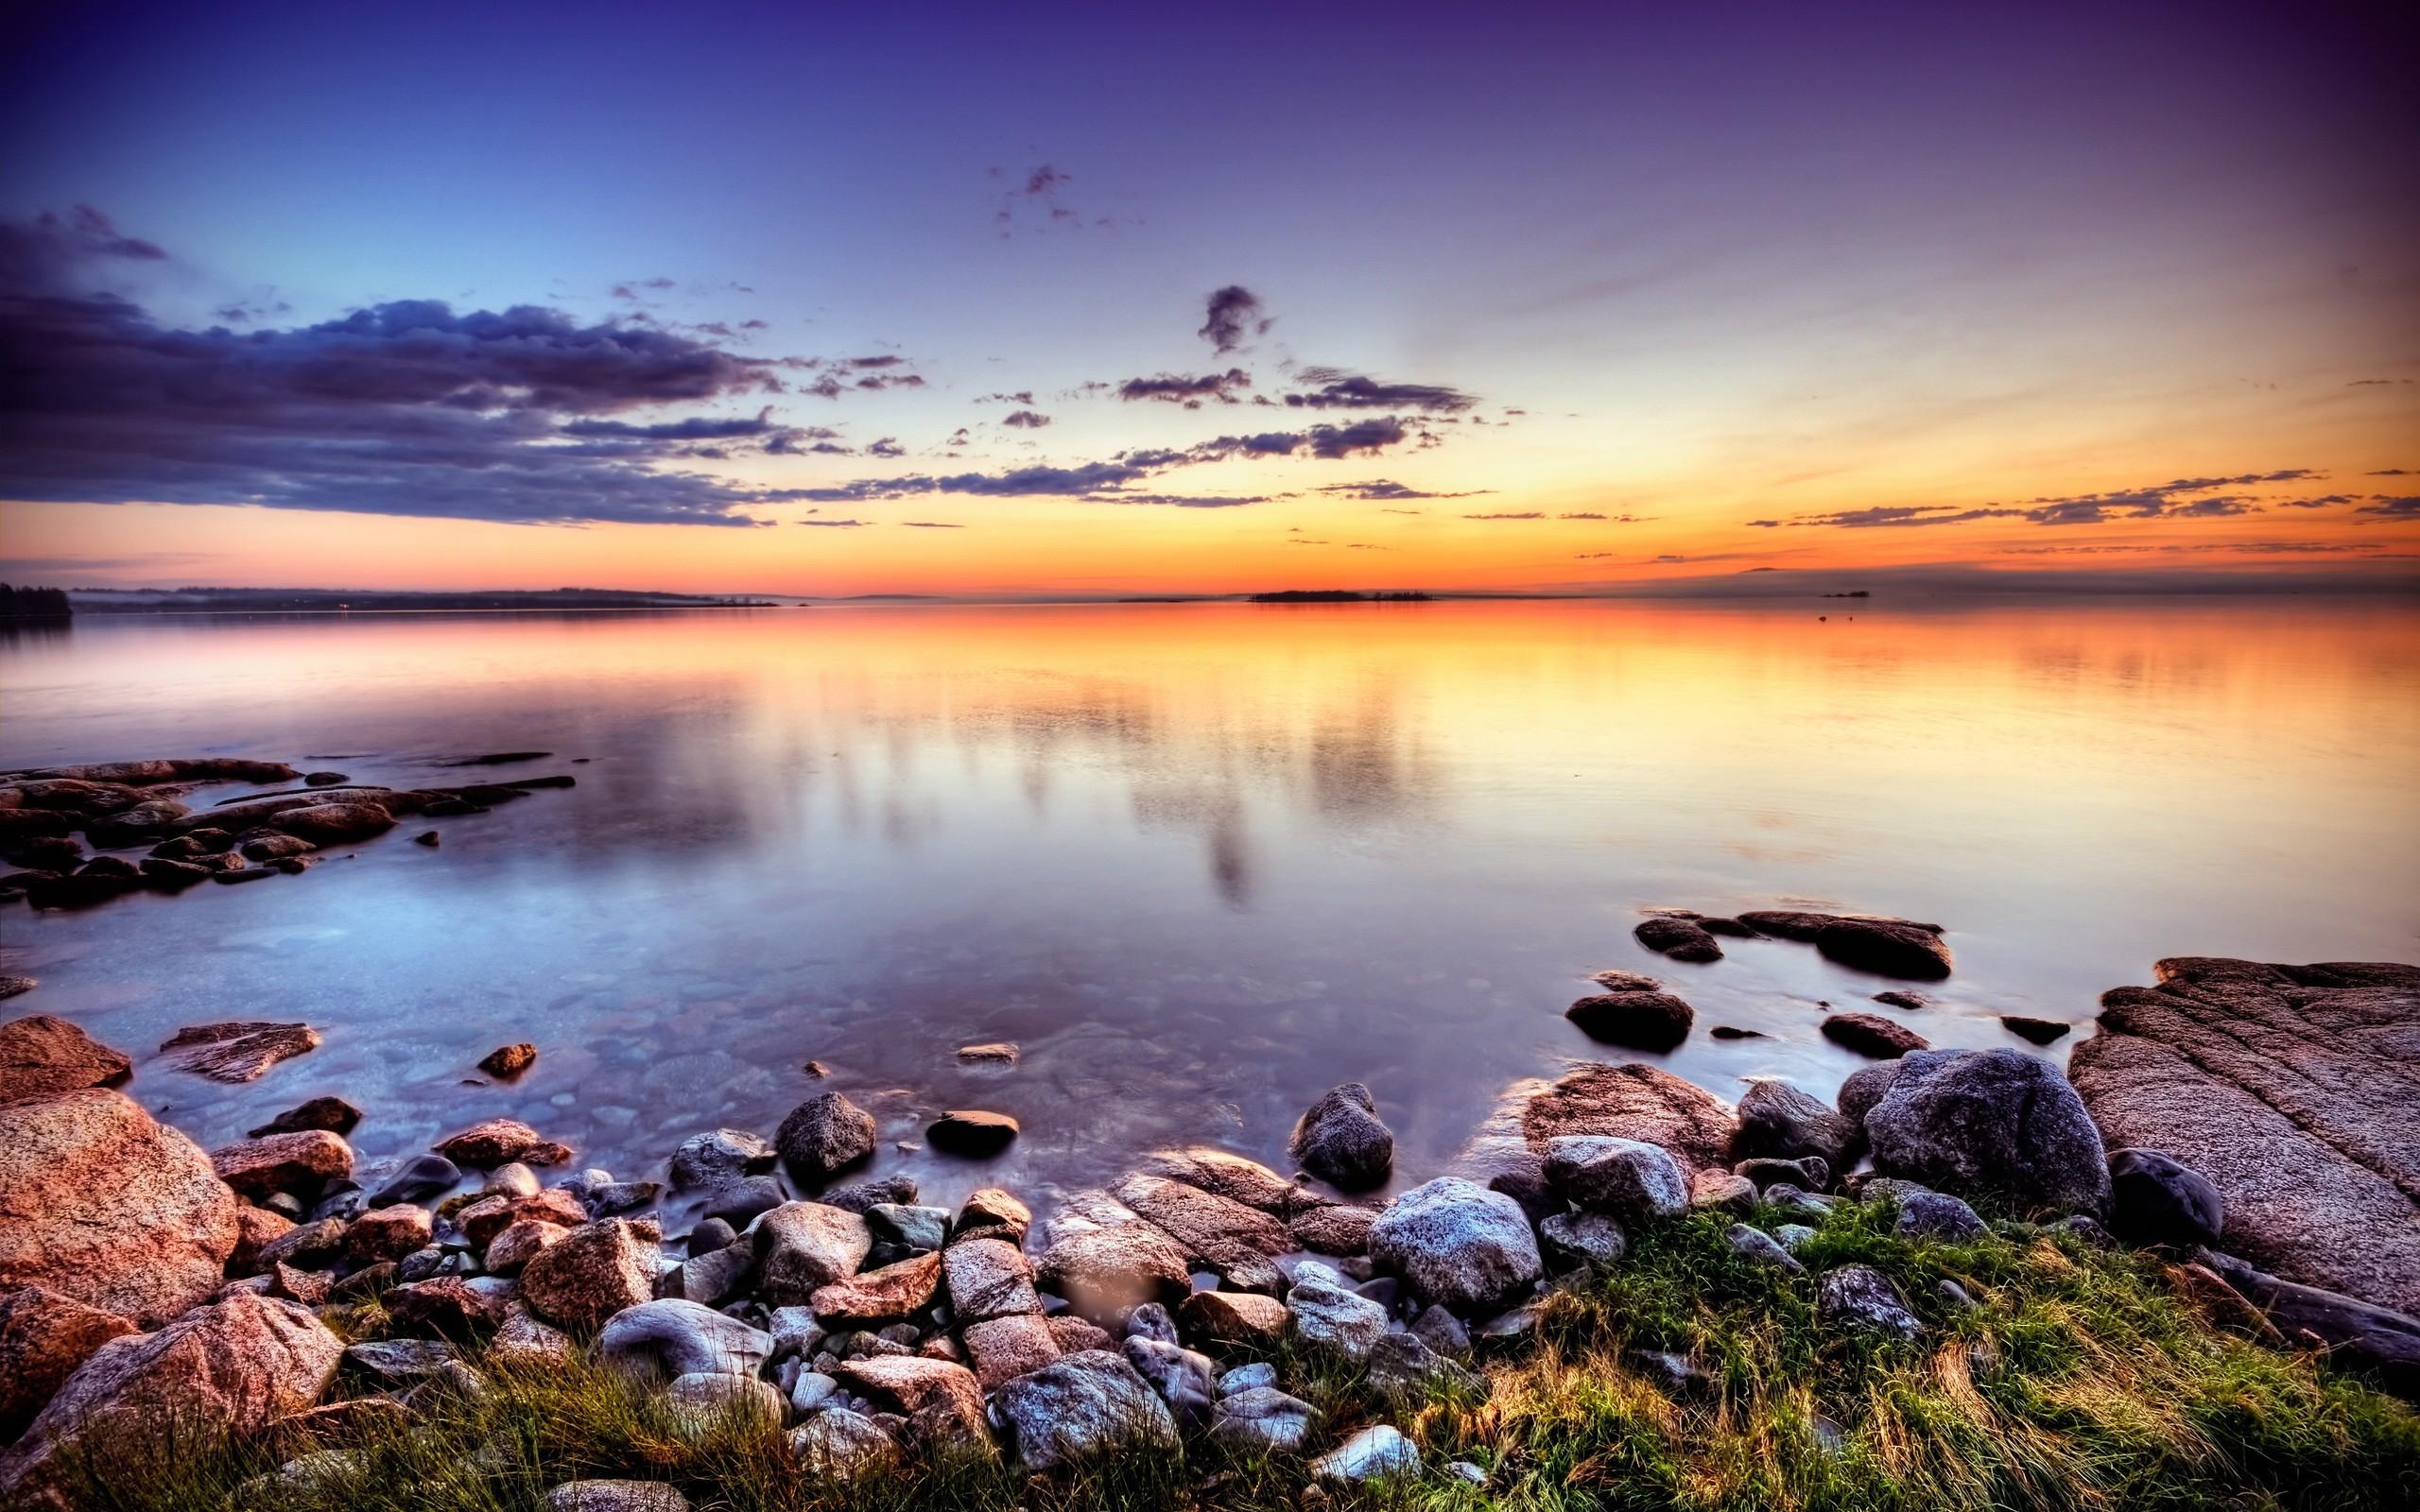 Облака над озером, галька, горы, лес  № 2950459 без смс